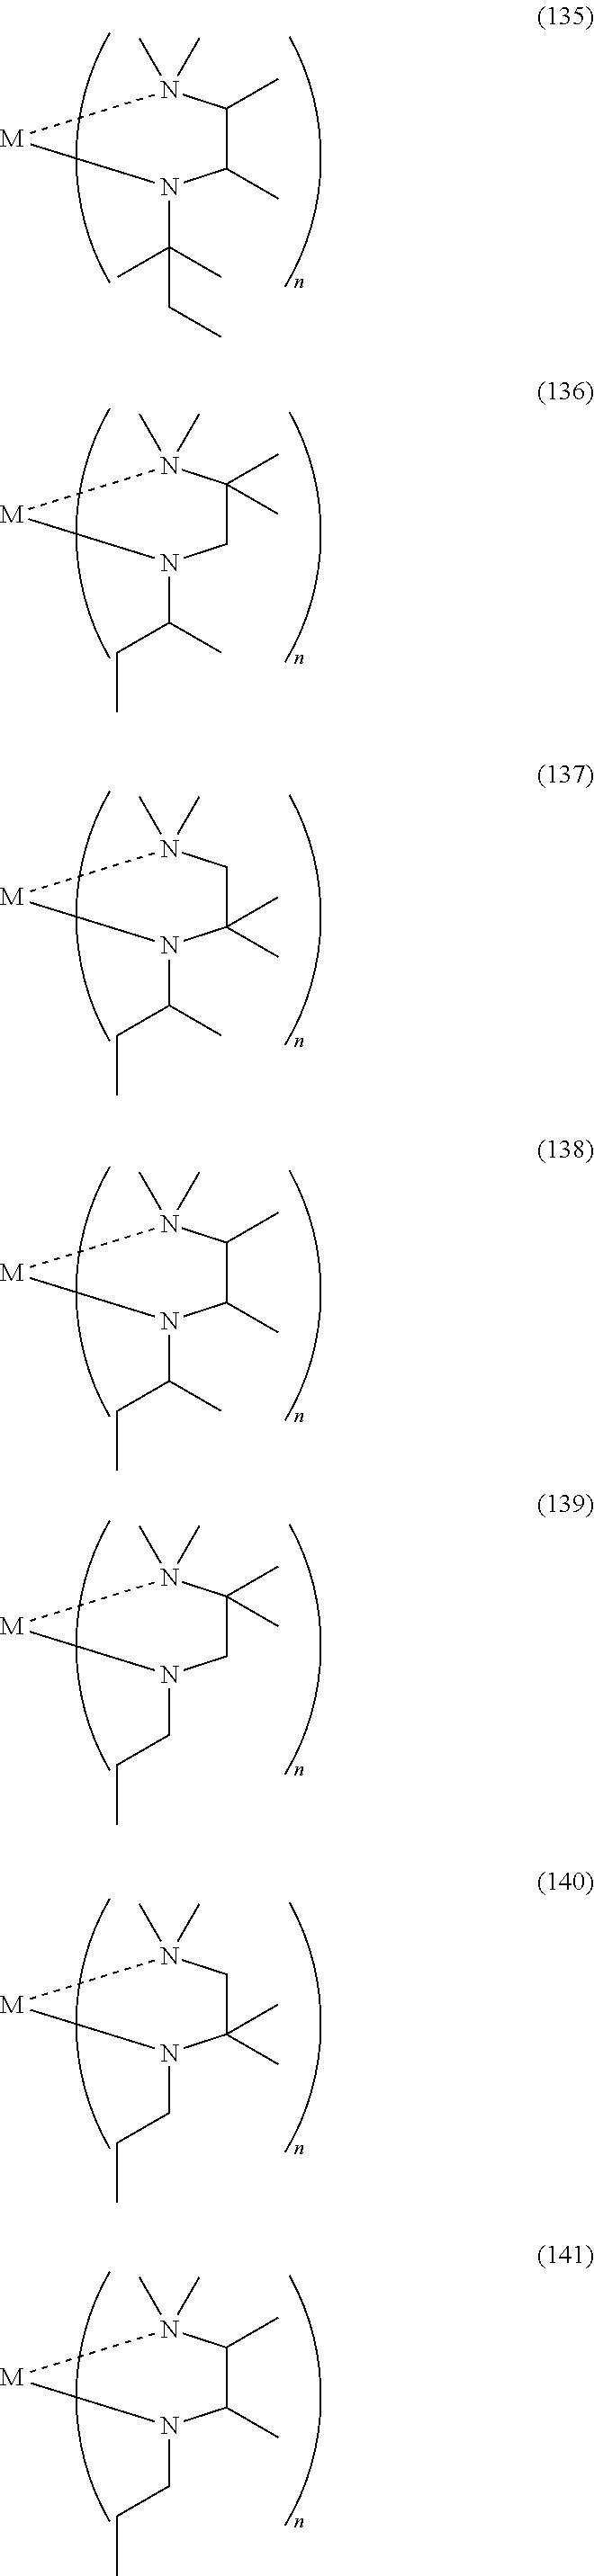 Figure US08871304-20141028-C00033